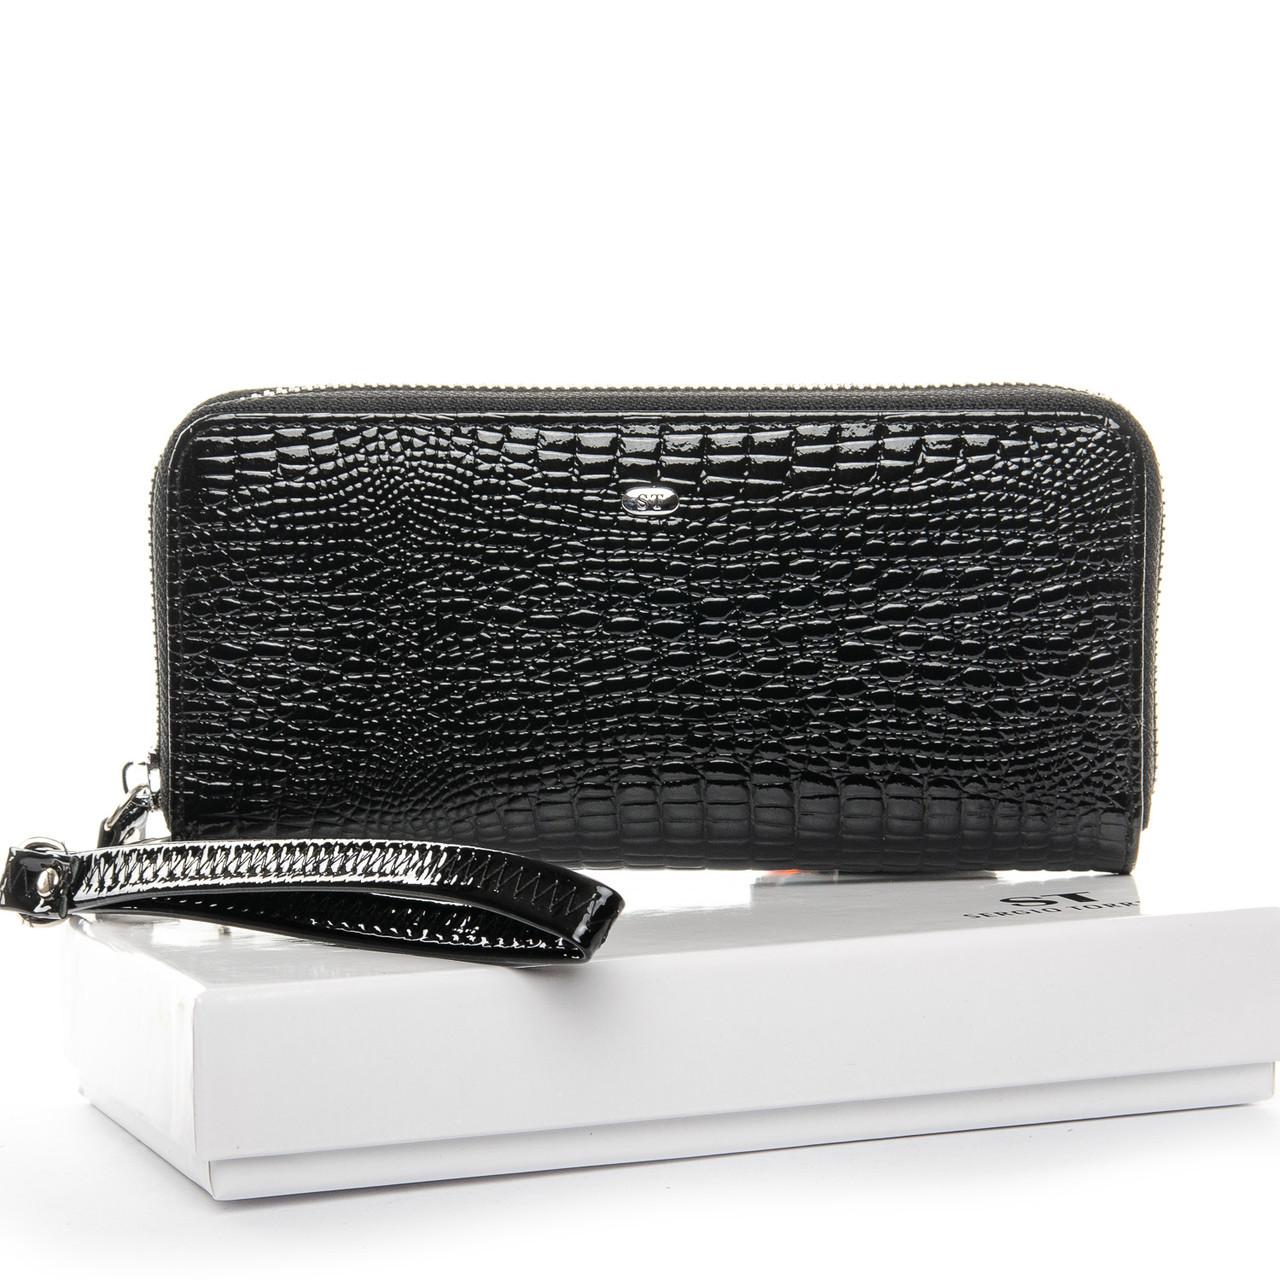 Гаманець шкіряний чорний на блискавці жіночий клатч лаковий Sergio Torretti W38